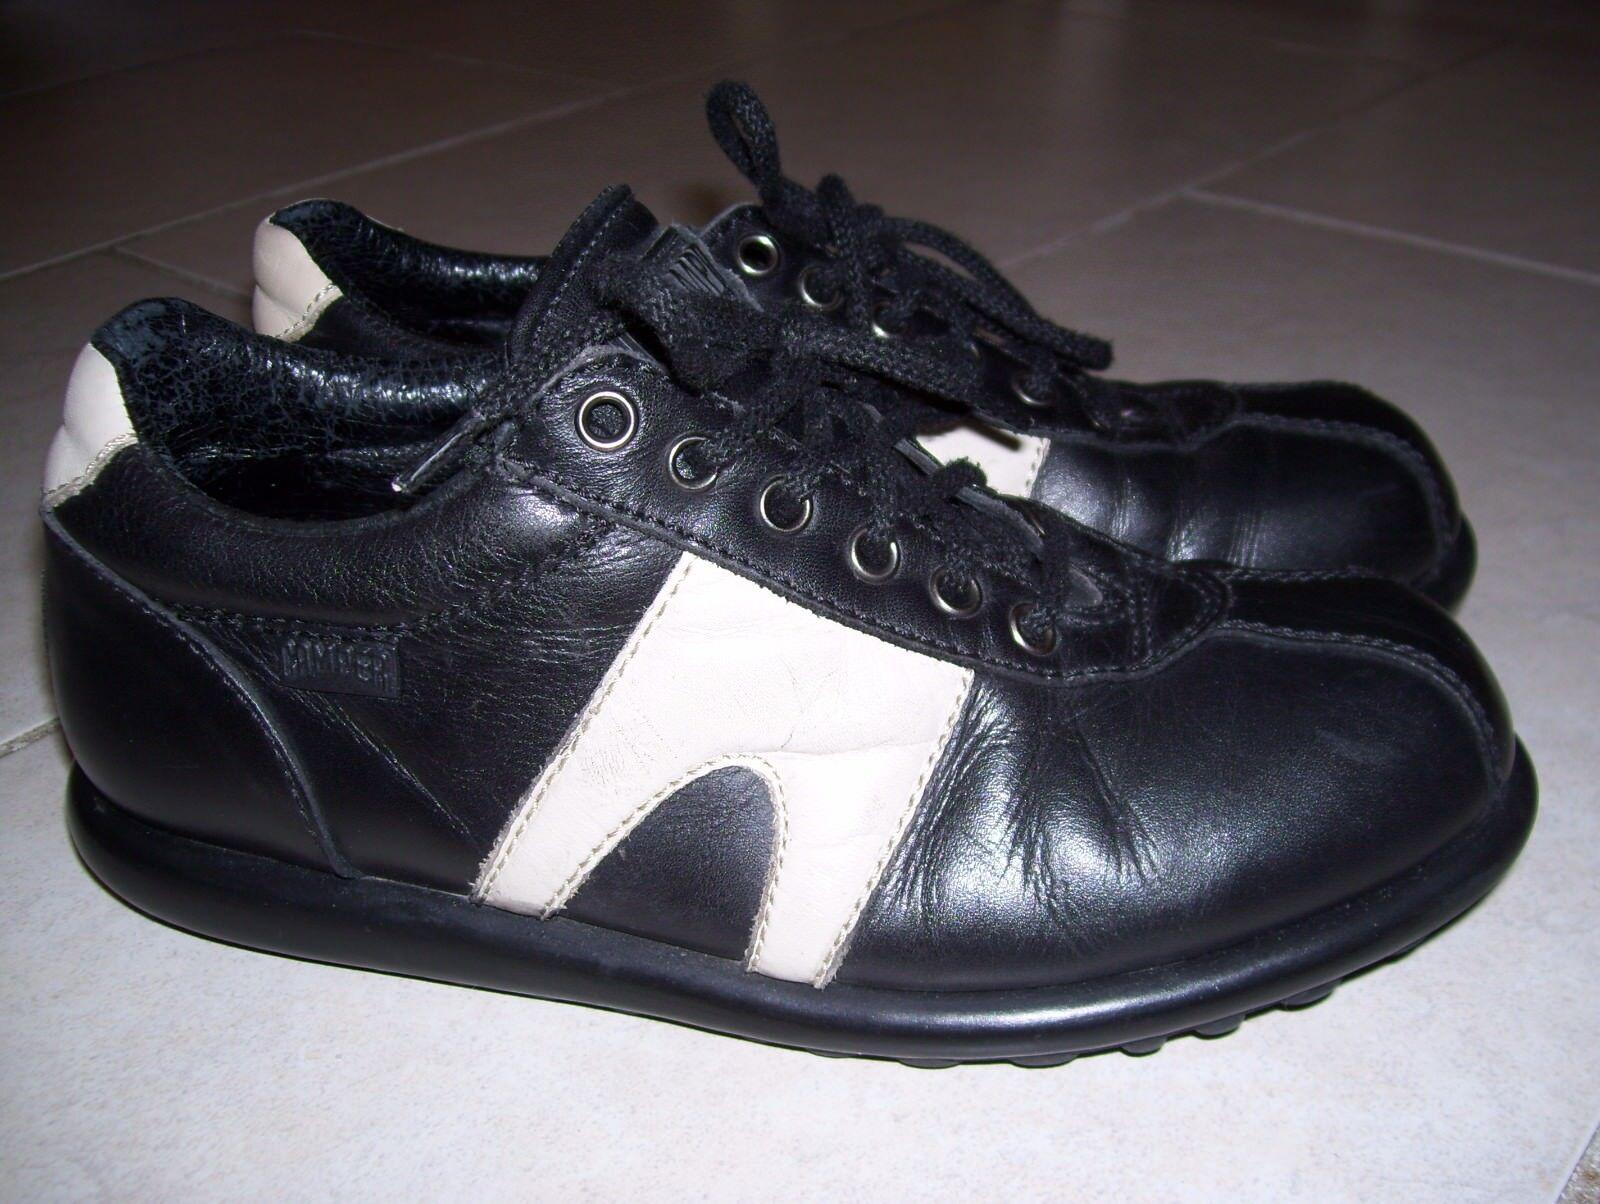 Damen Schuhe Halbschuhe Sneakers Gr.38 von Camper echtes Leder schwarz